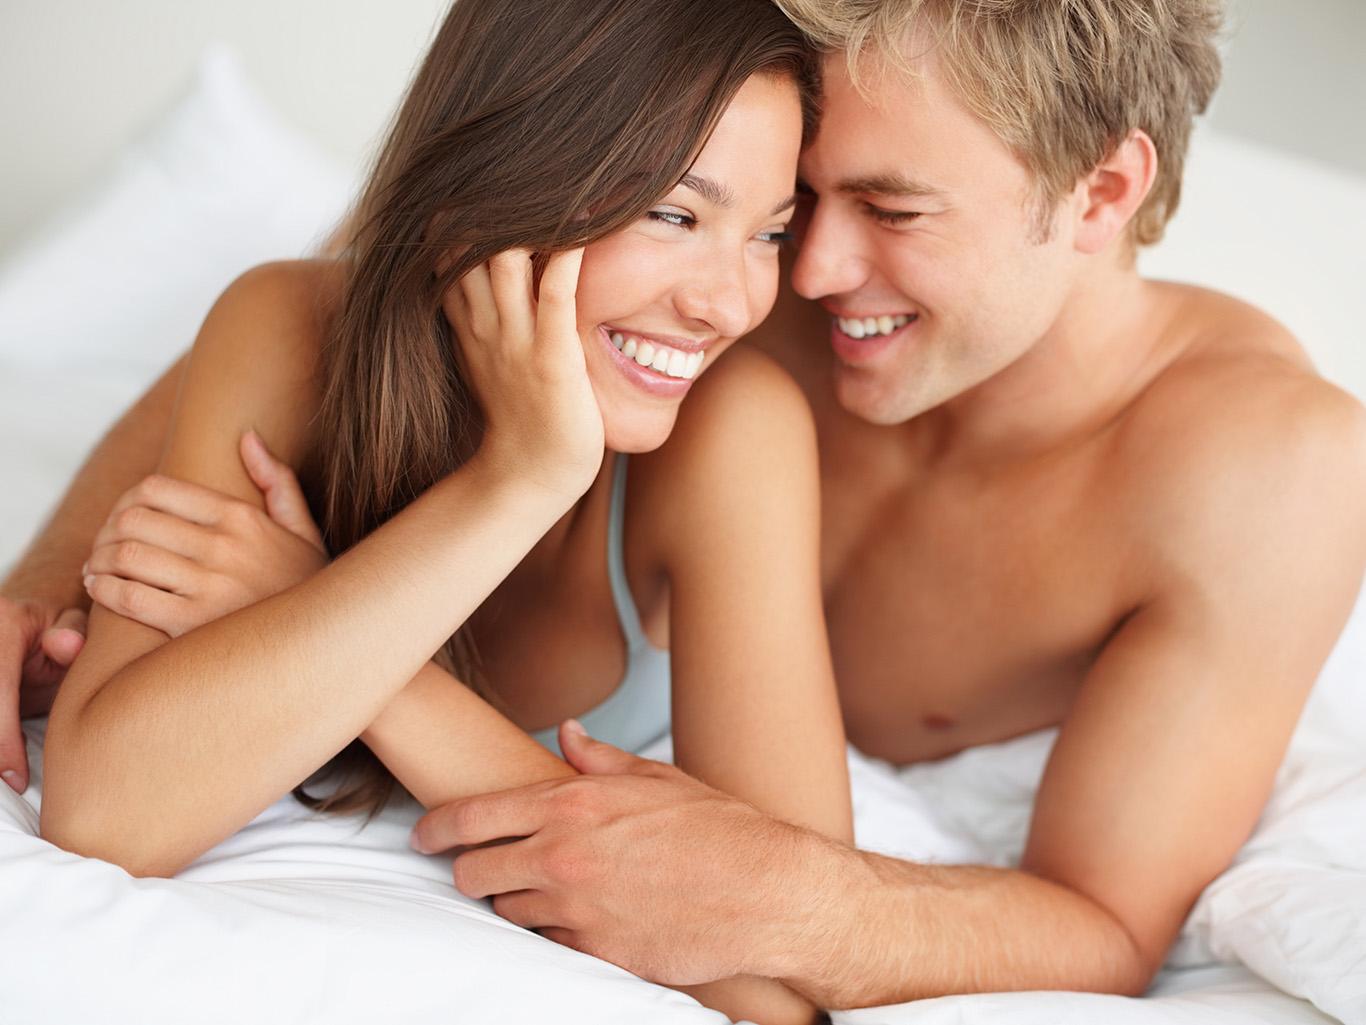 Самые эффективные способы для увеличения продолжительности полового акта